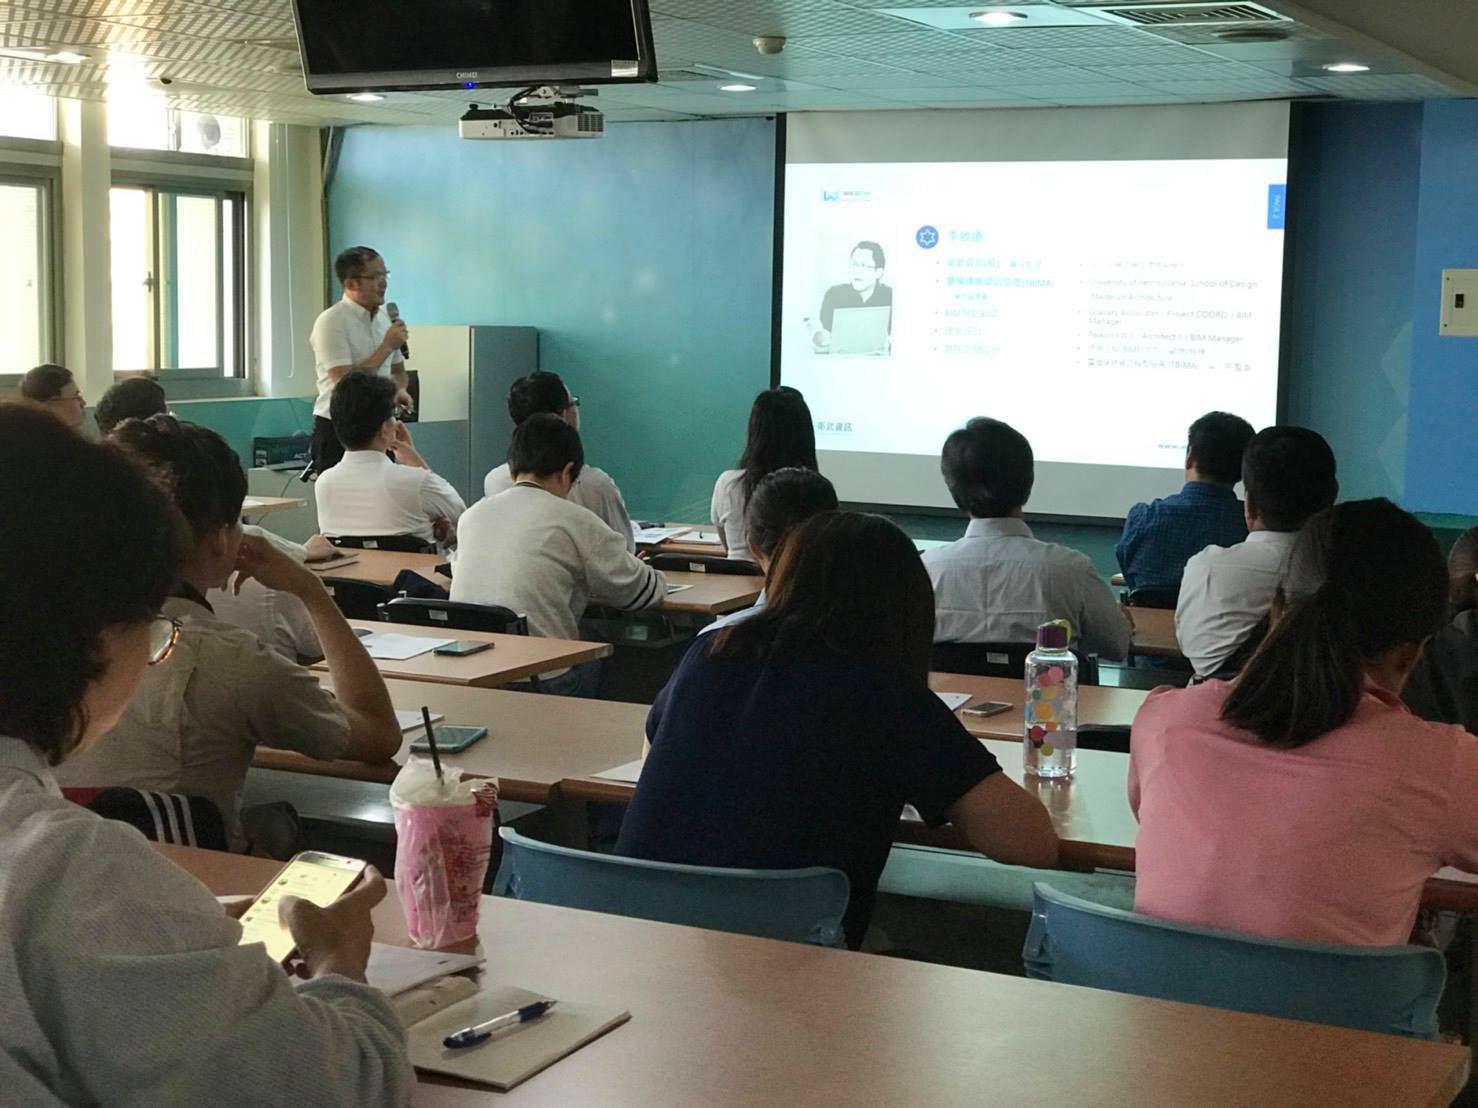 【研討會】建築資訊模型 BIM 在營造業安全衛生管理應用研討會